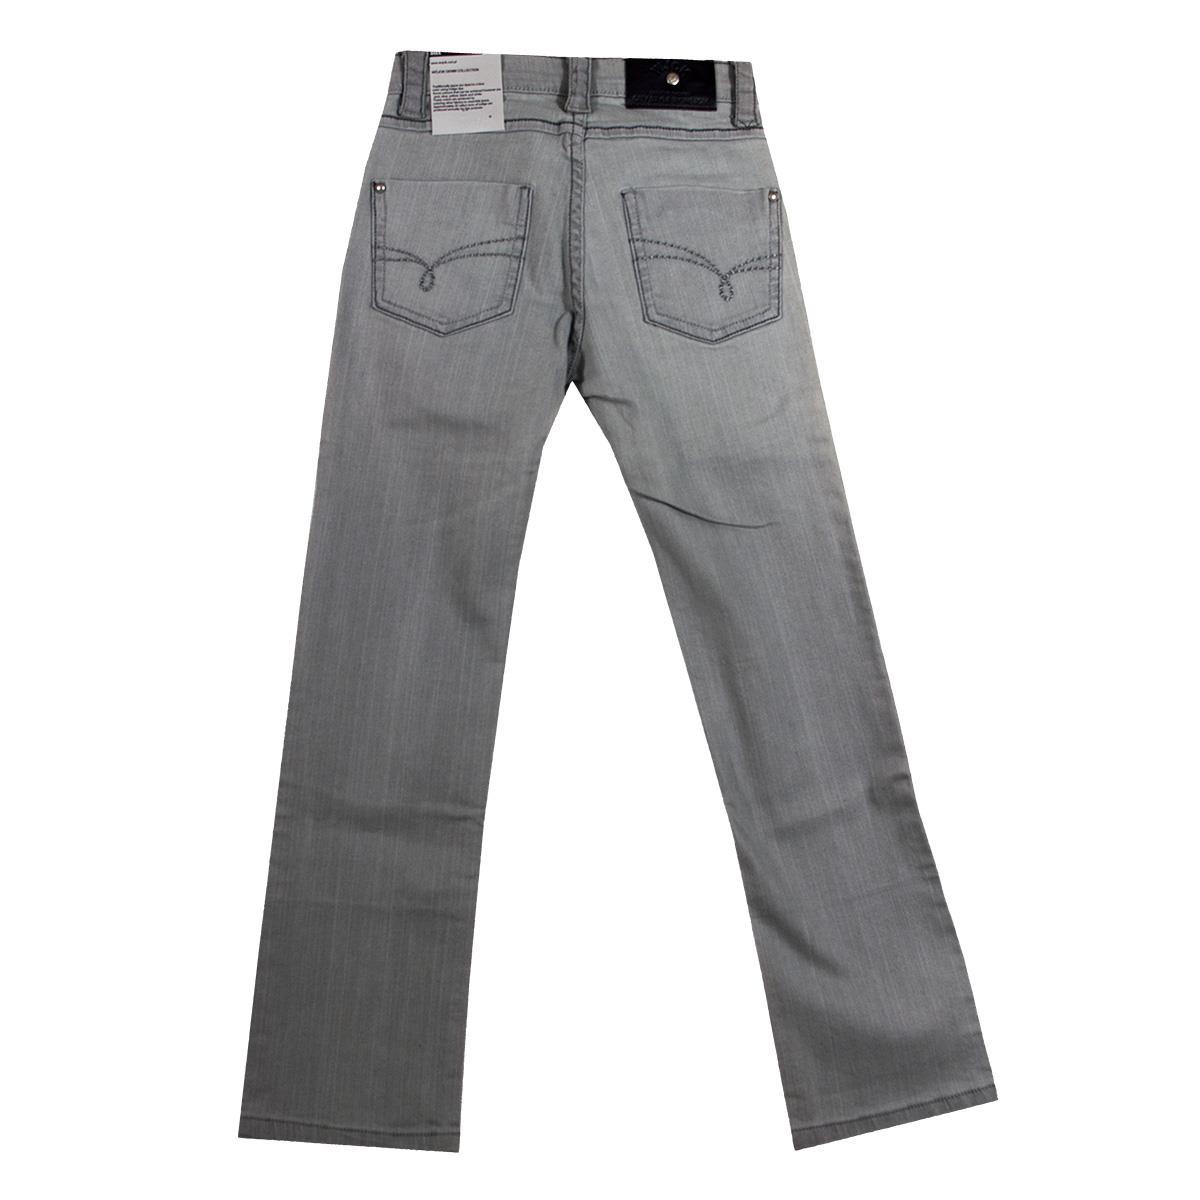 df3abfdb4b247 WÓJCIK Spodnie Delikatny dotyk-226236 WÓJCIK Spodnie Delikatny dotyk-226237